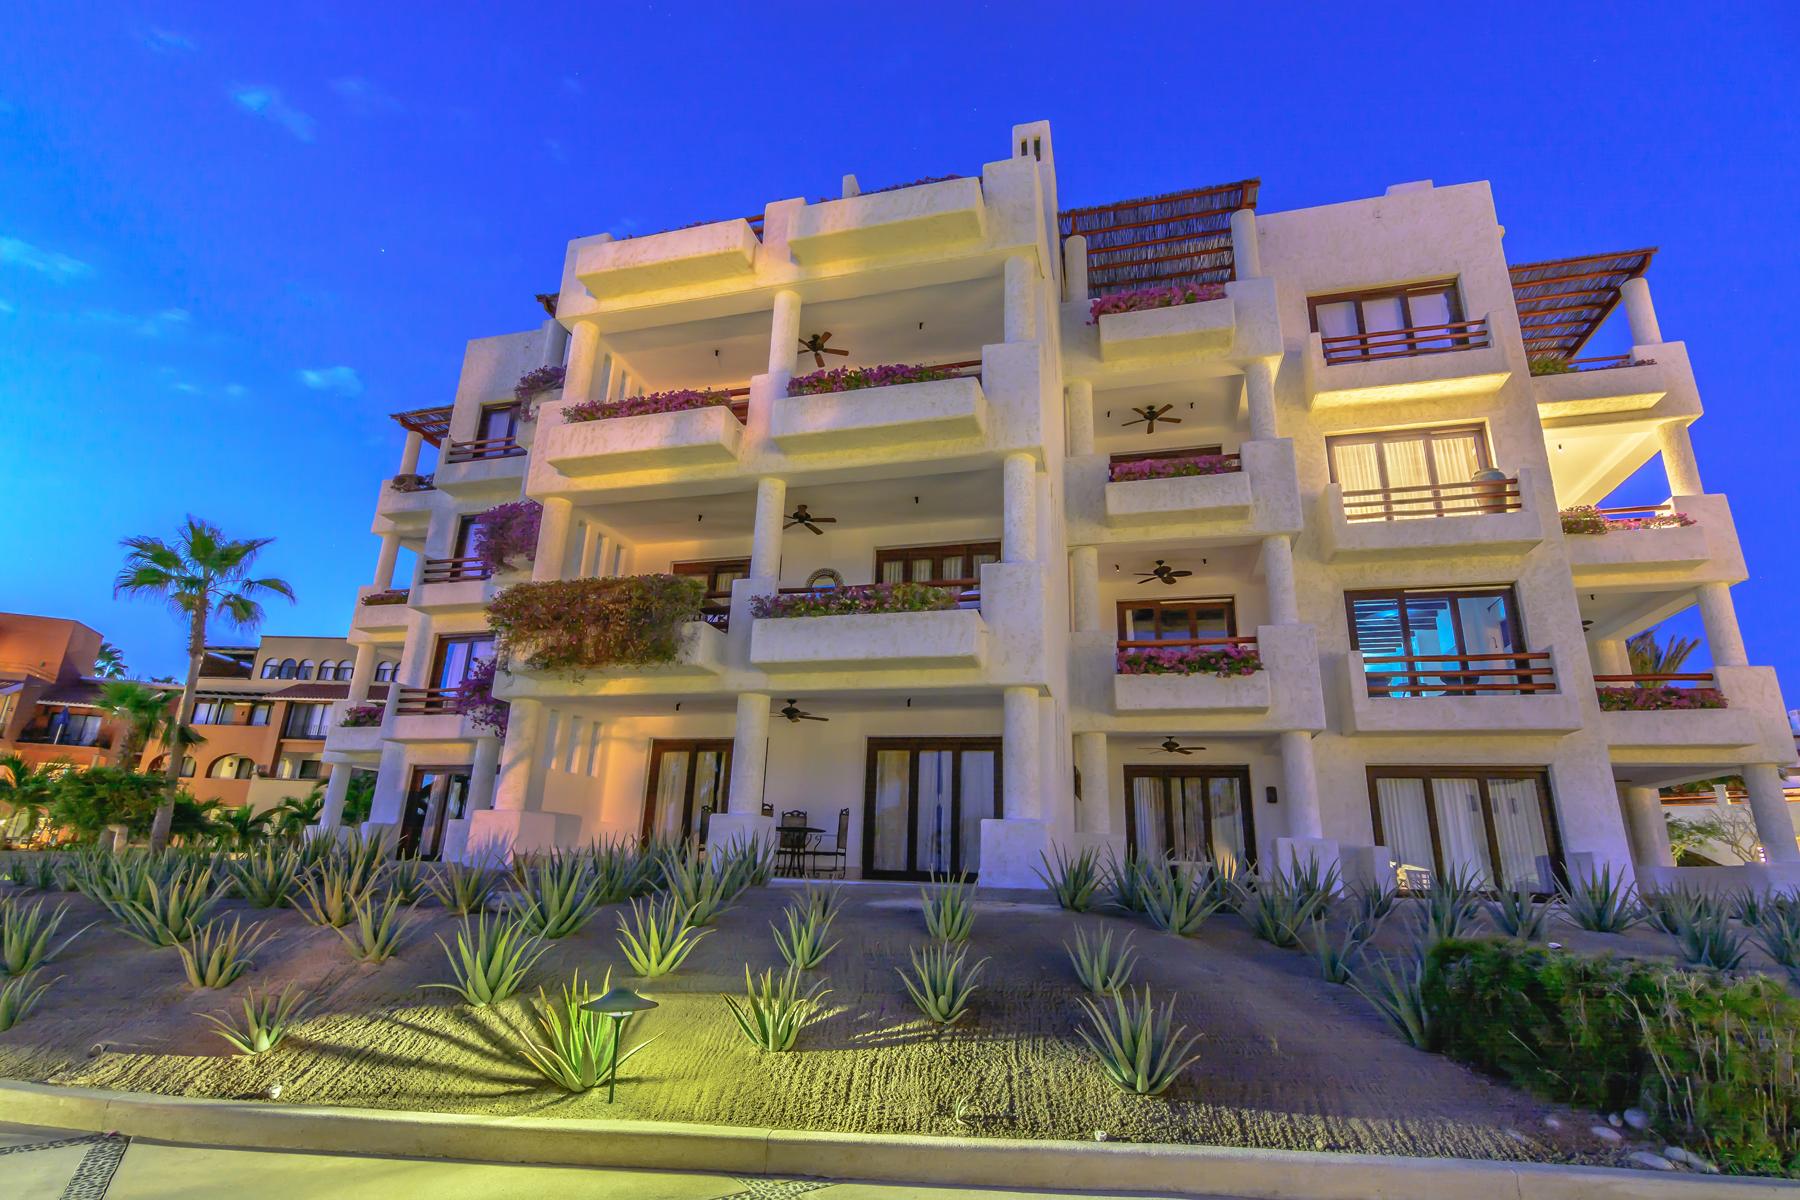 Condominium for Sale at Las Ventanas al Paraíso Residence 1303 San Jose Del Cabo, Baja California Sur Mexico